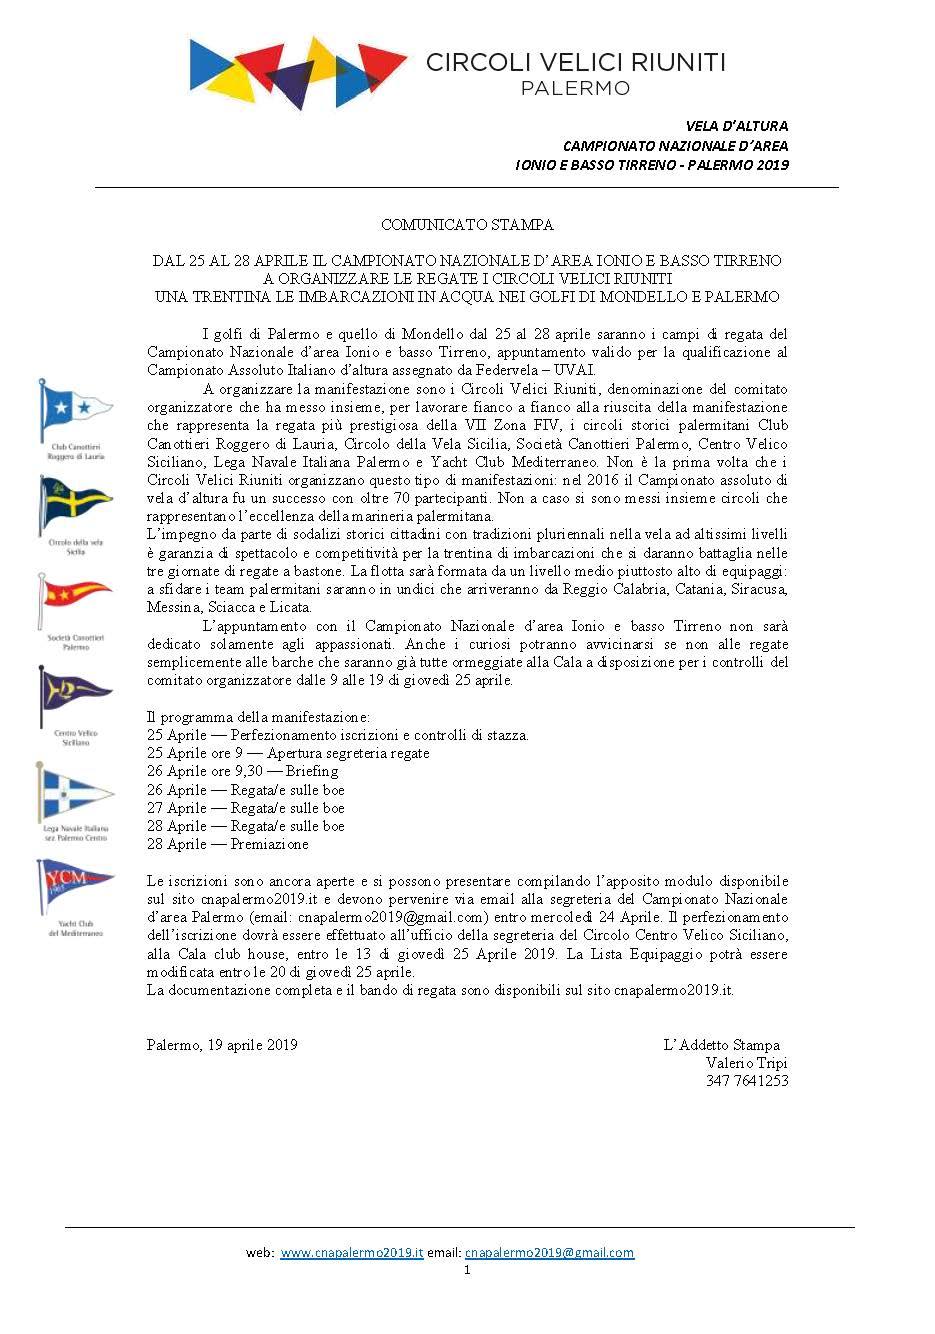 Campionato Nazionale d'Area Ionio e Basso Tirreno, Palermo 2019 – Rassegna stampa